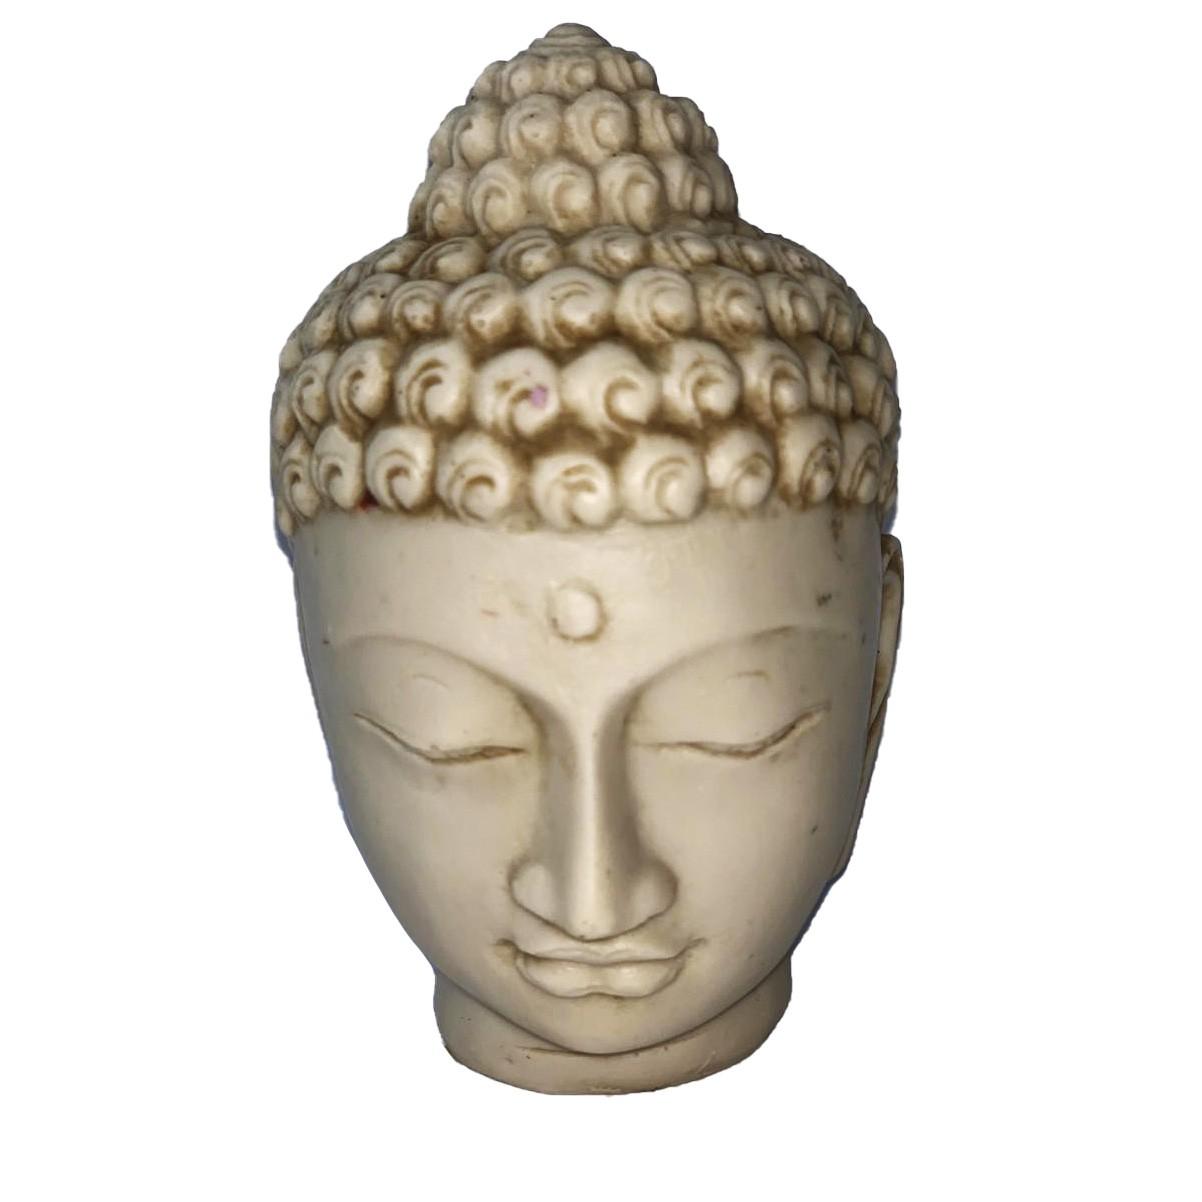 Buda Sidartha em Resina - Cabeça em Resina Branca  ( 12 cm )